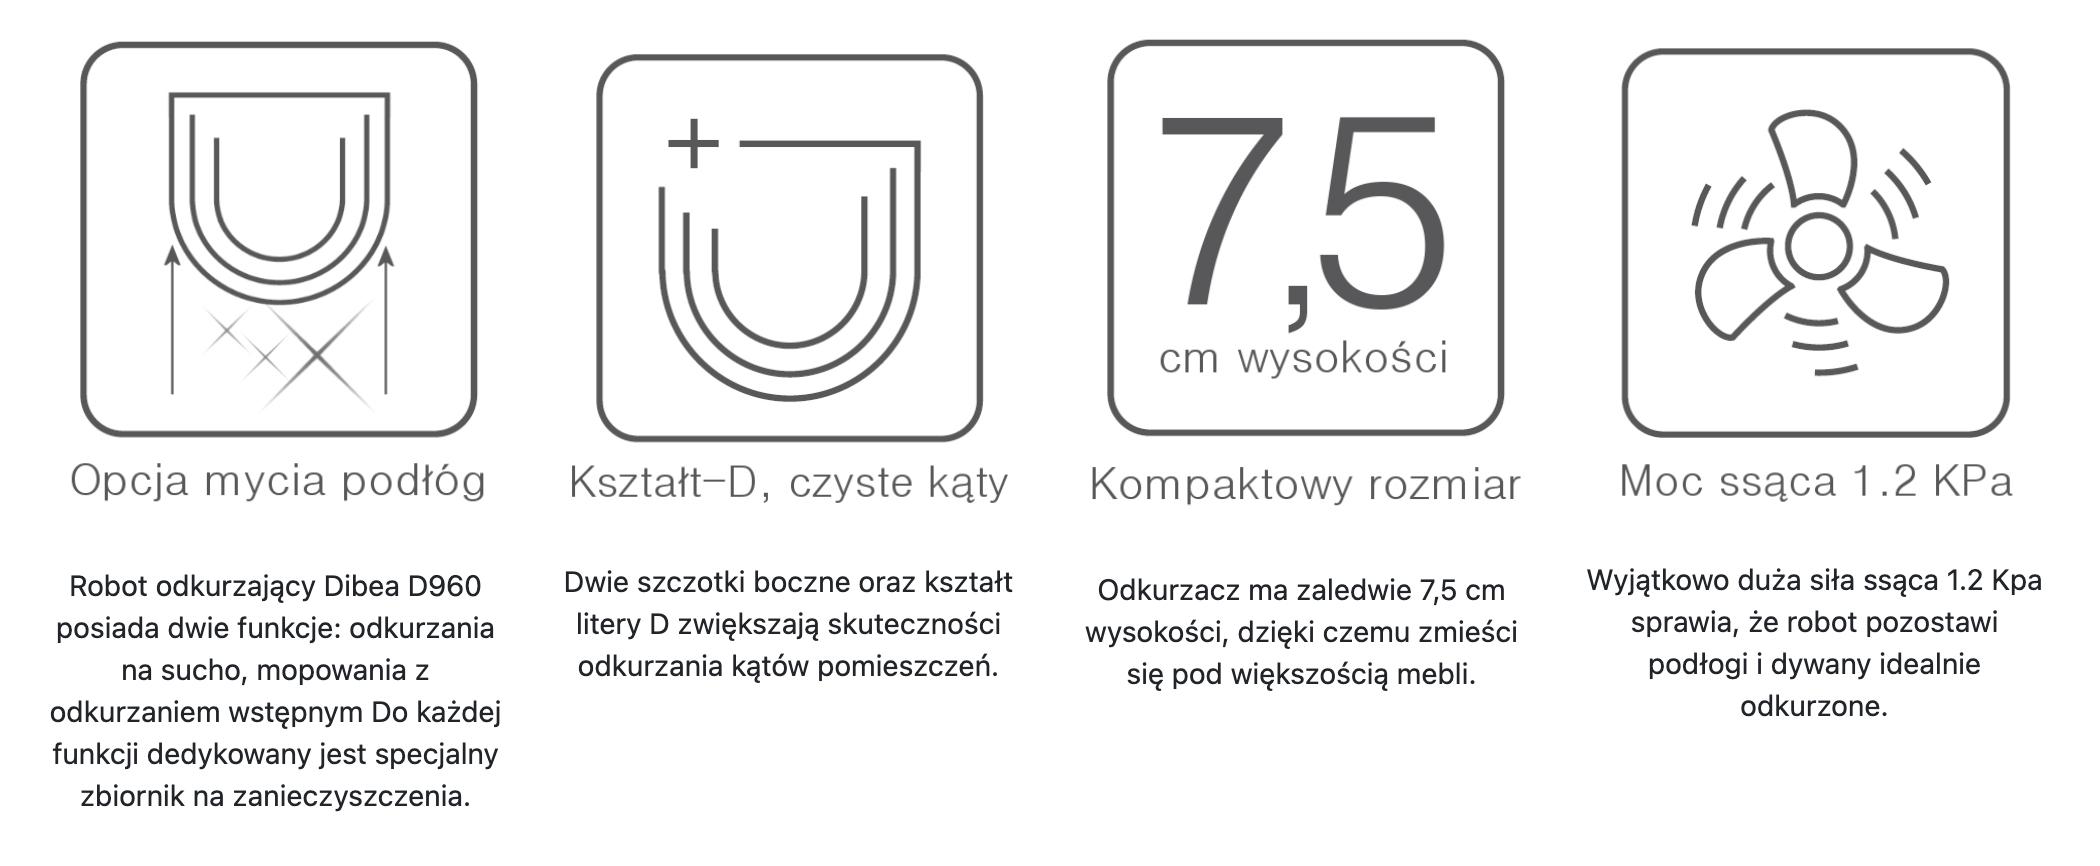 346125-ZtEUu.jpg